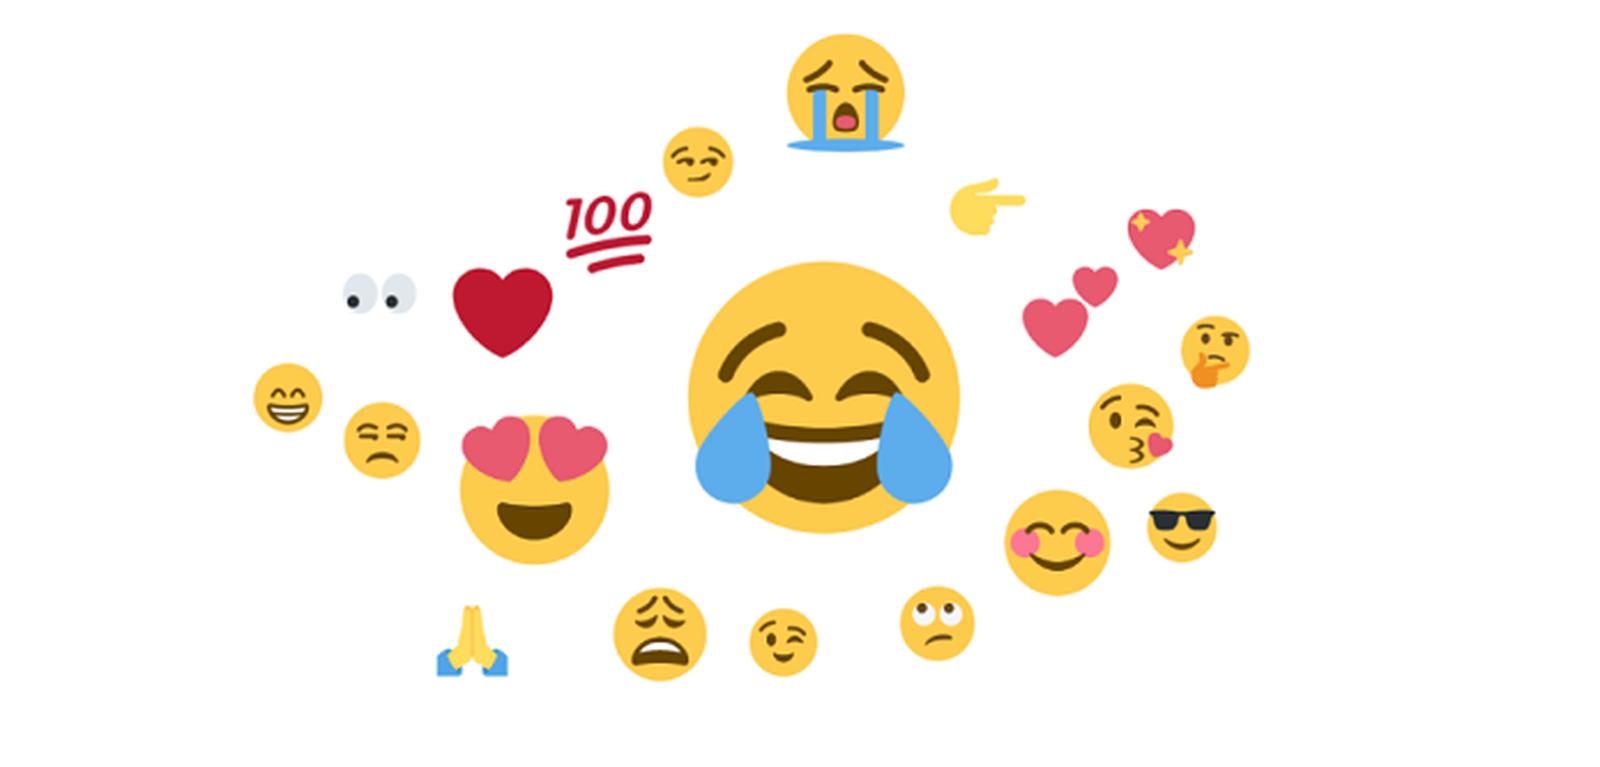 📷 Os 20 emojis com maior frequência no Twitter, de acordo com o estudo | Brandwatch